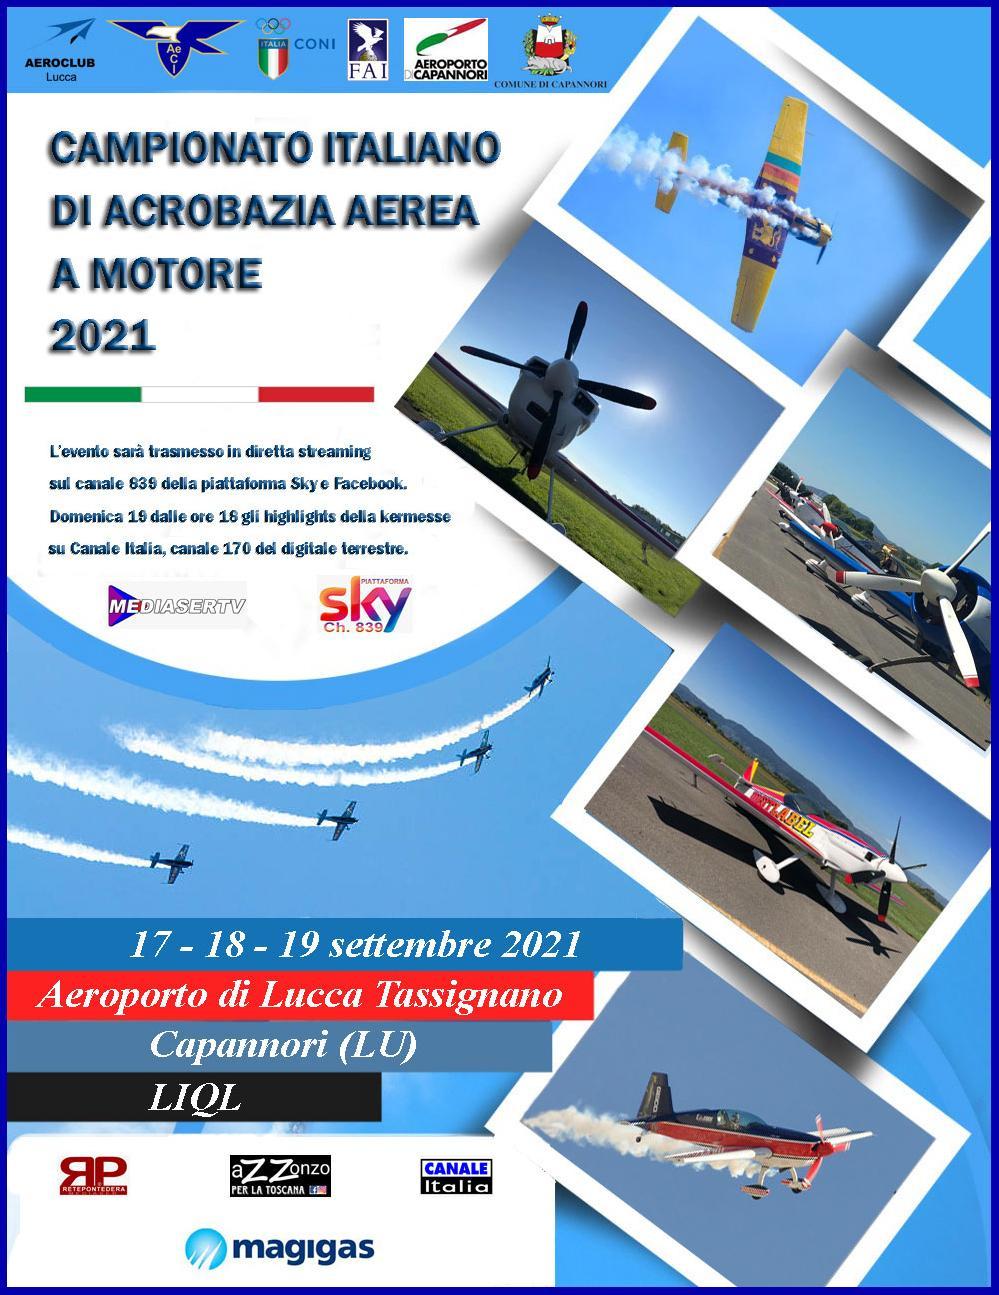 Campionato Italiano Acrobazia Aerea